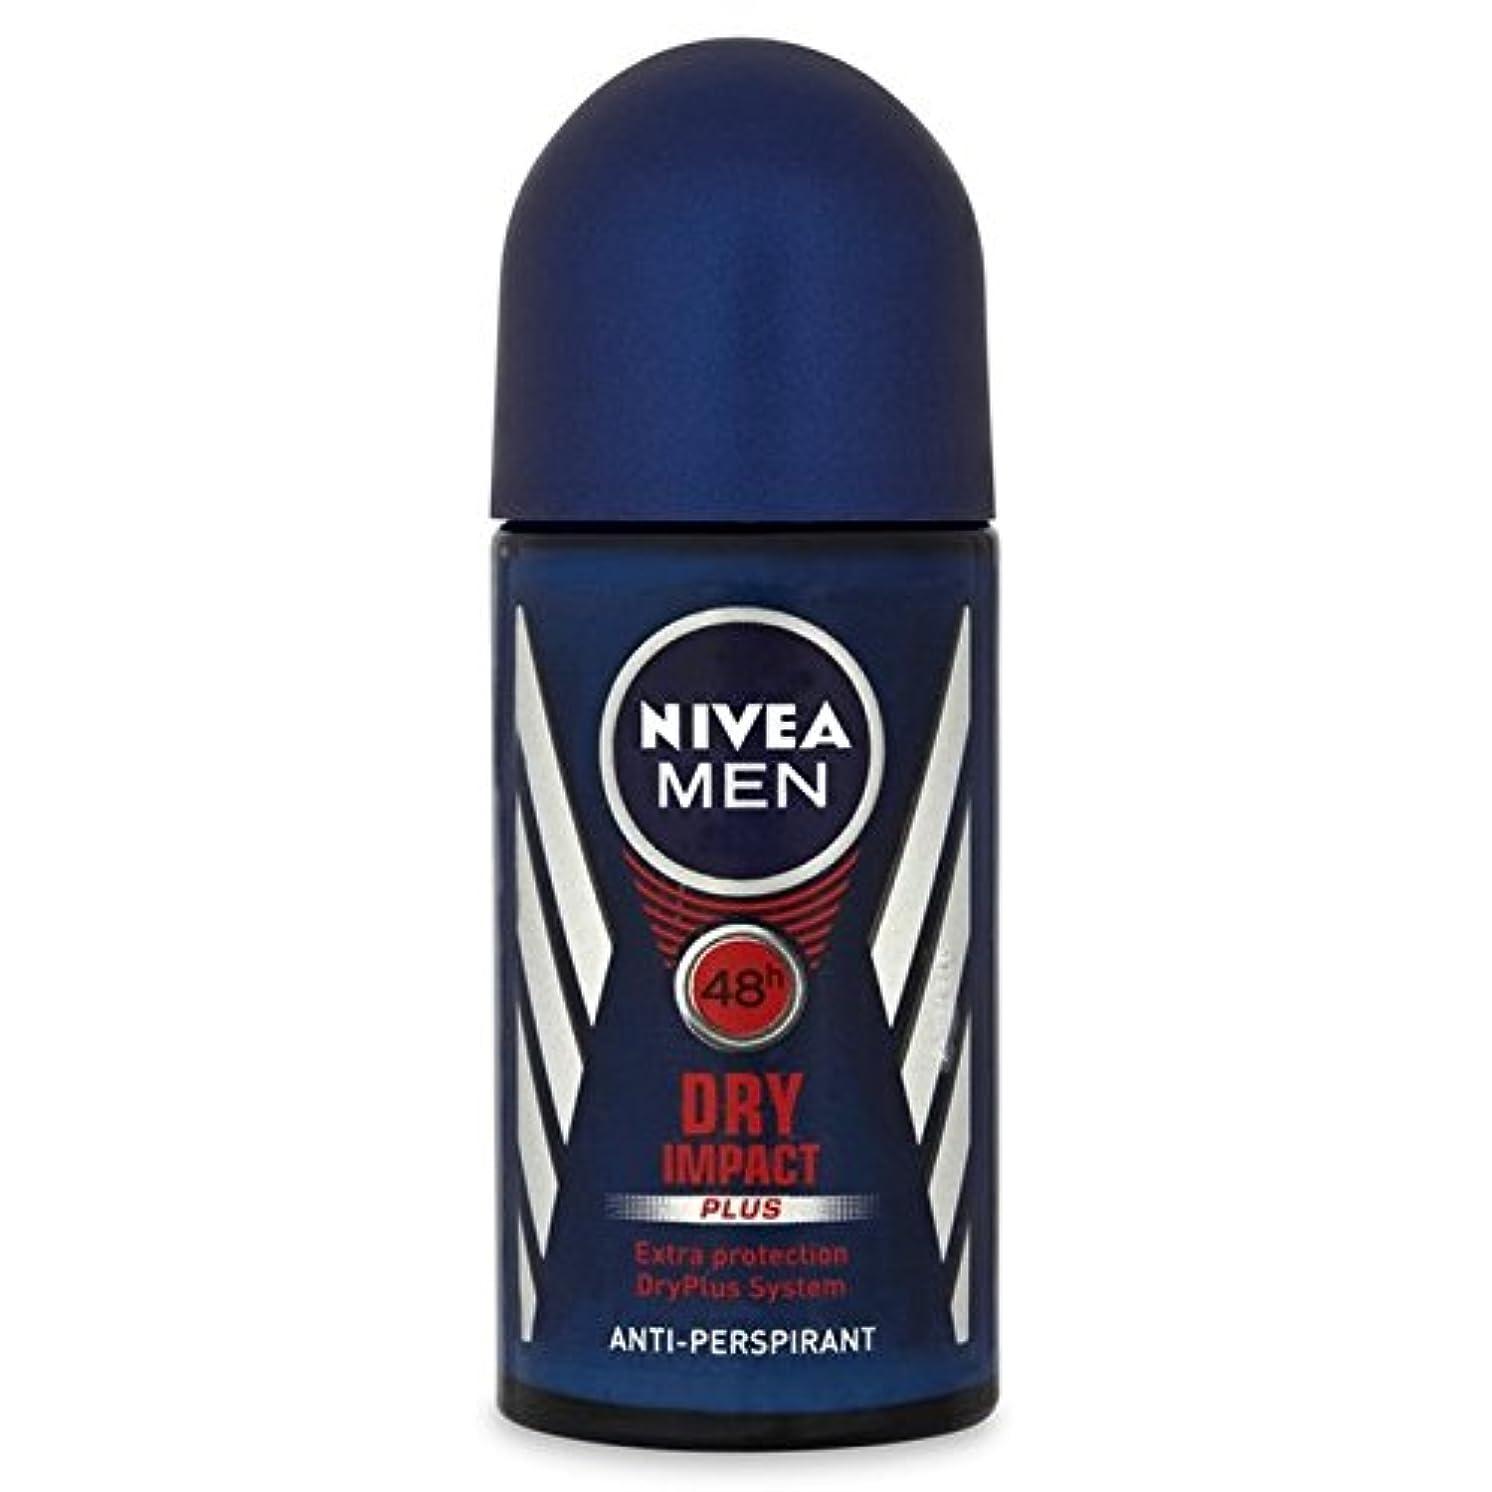 元気音離すNivea Men Invisible Impact Roll On Anti-Perspirant Deodorant 50ml - 制汗デオドラント50ミリリットルのニベア男性の目に見えない影響ロール [並行輸入品]